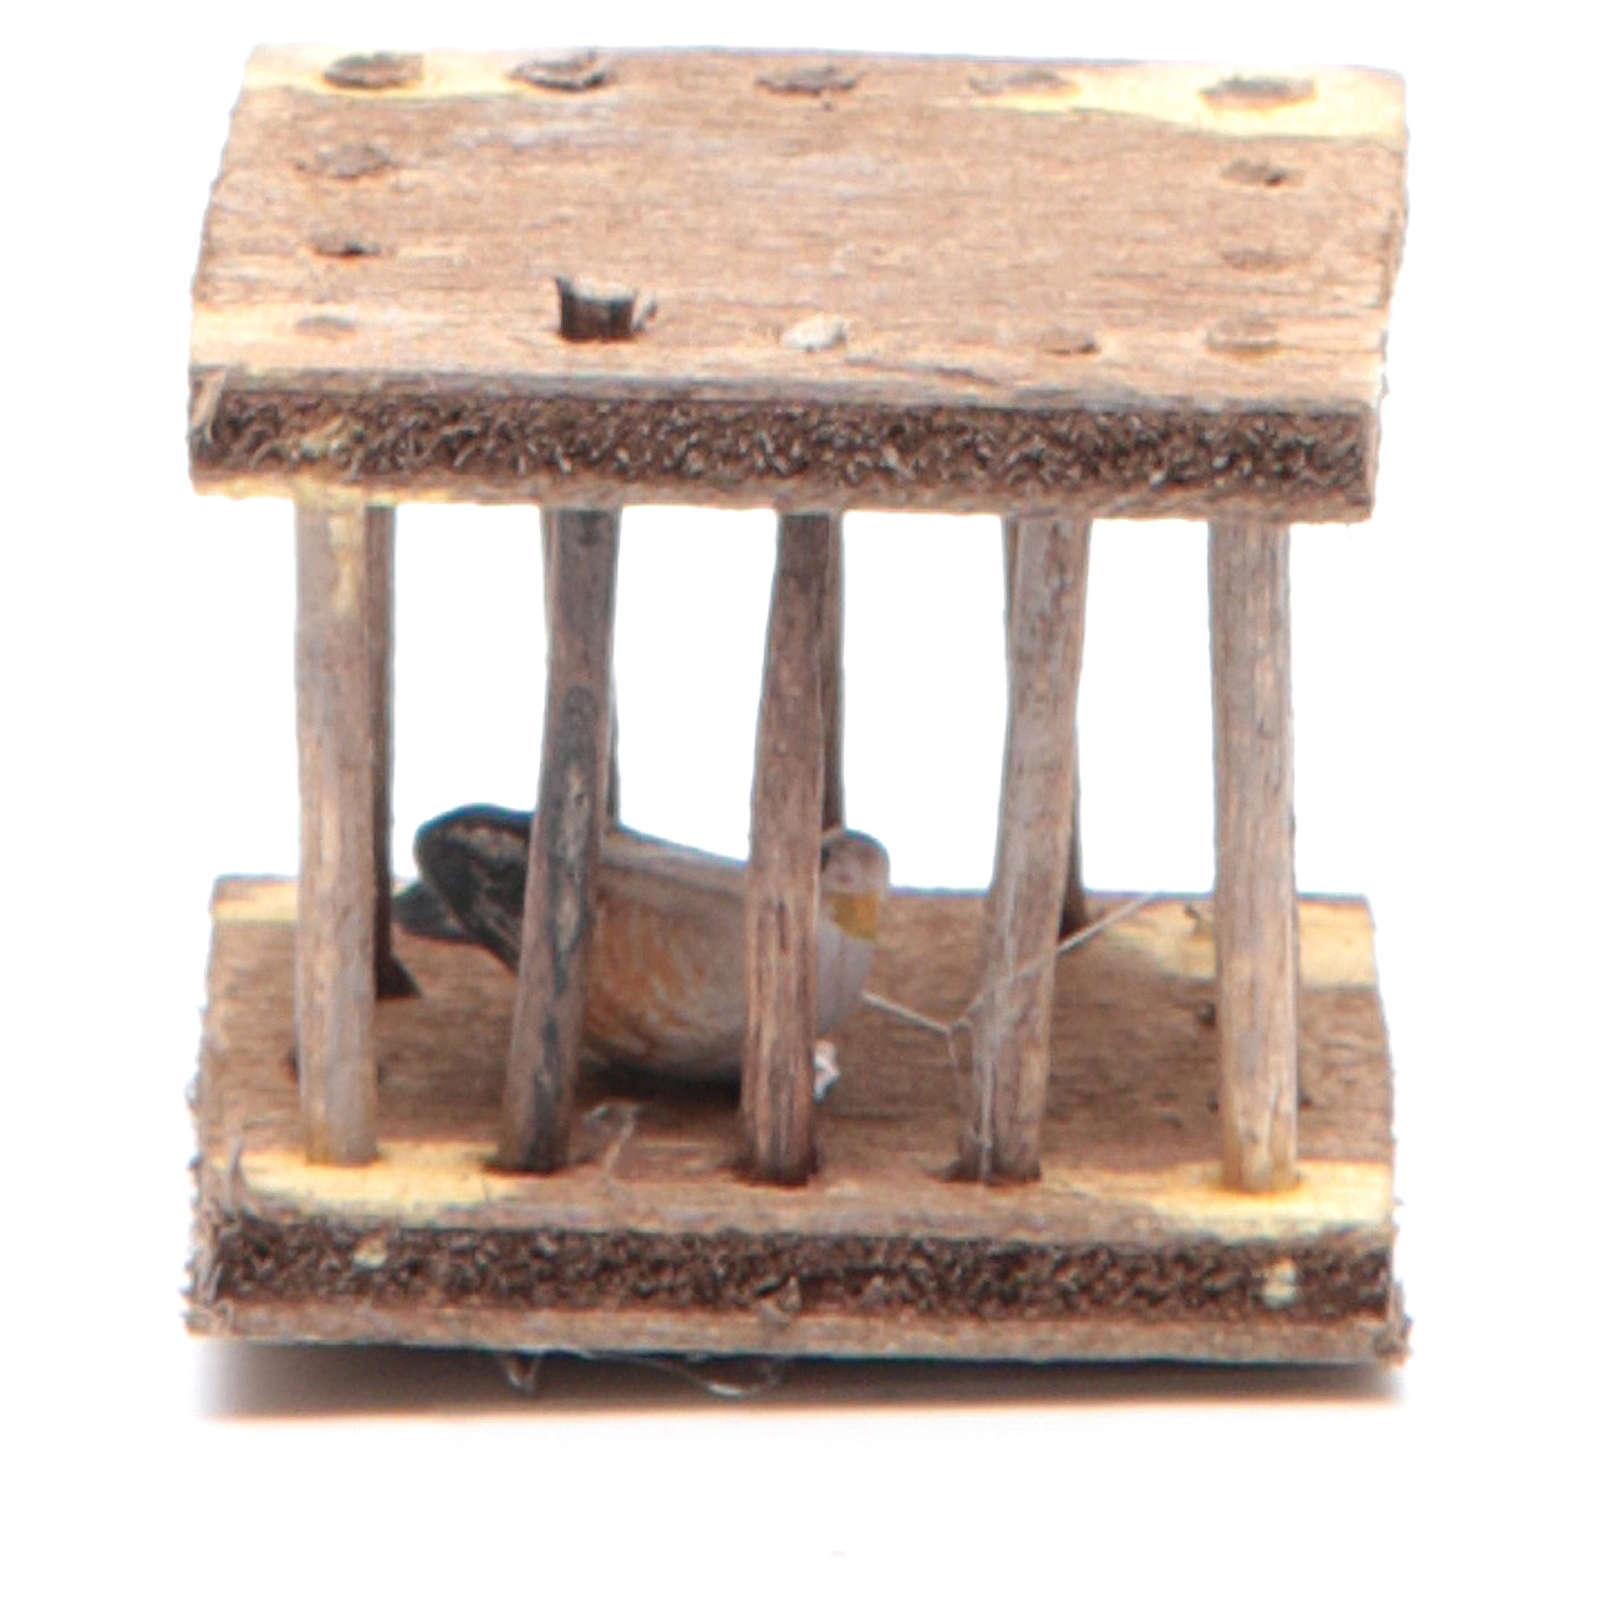 Gabbietta presepe napoletano 2,5x3x2,5 cm 4